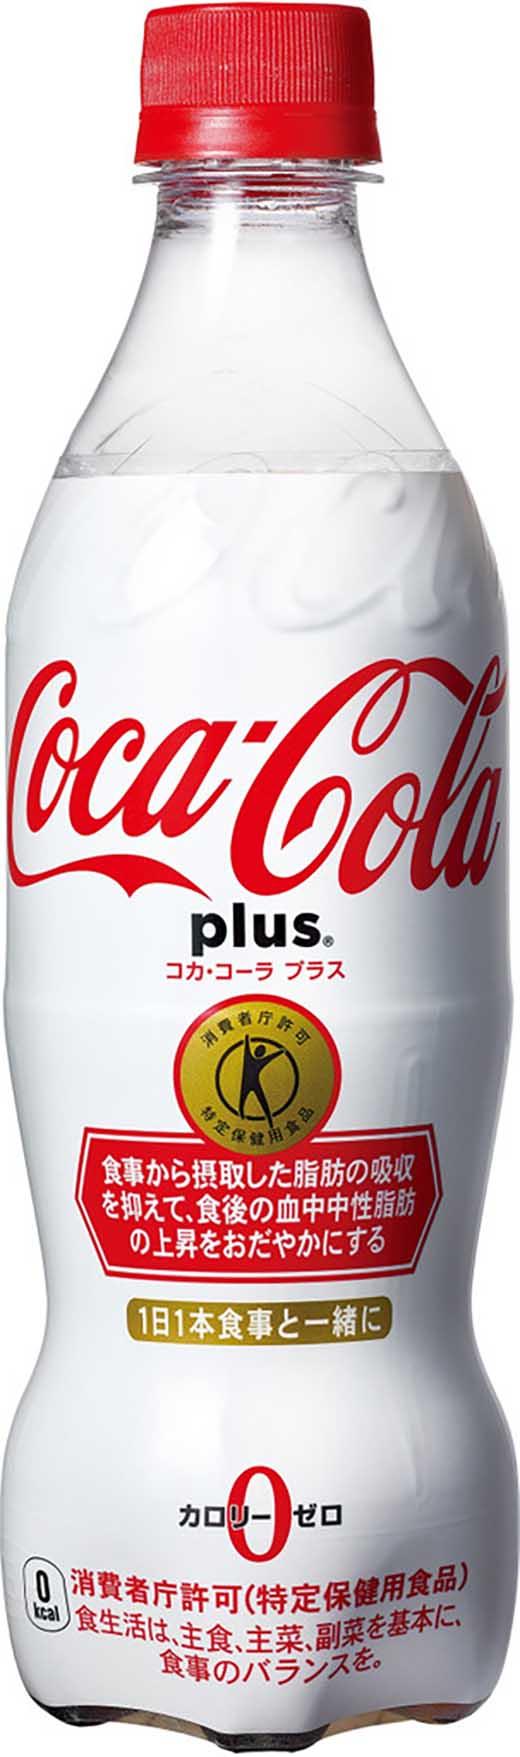 コカ・コーラプラス470ml(24本)